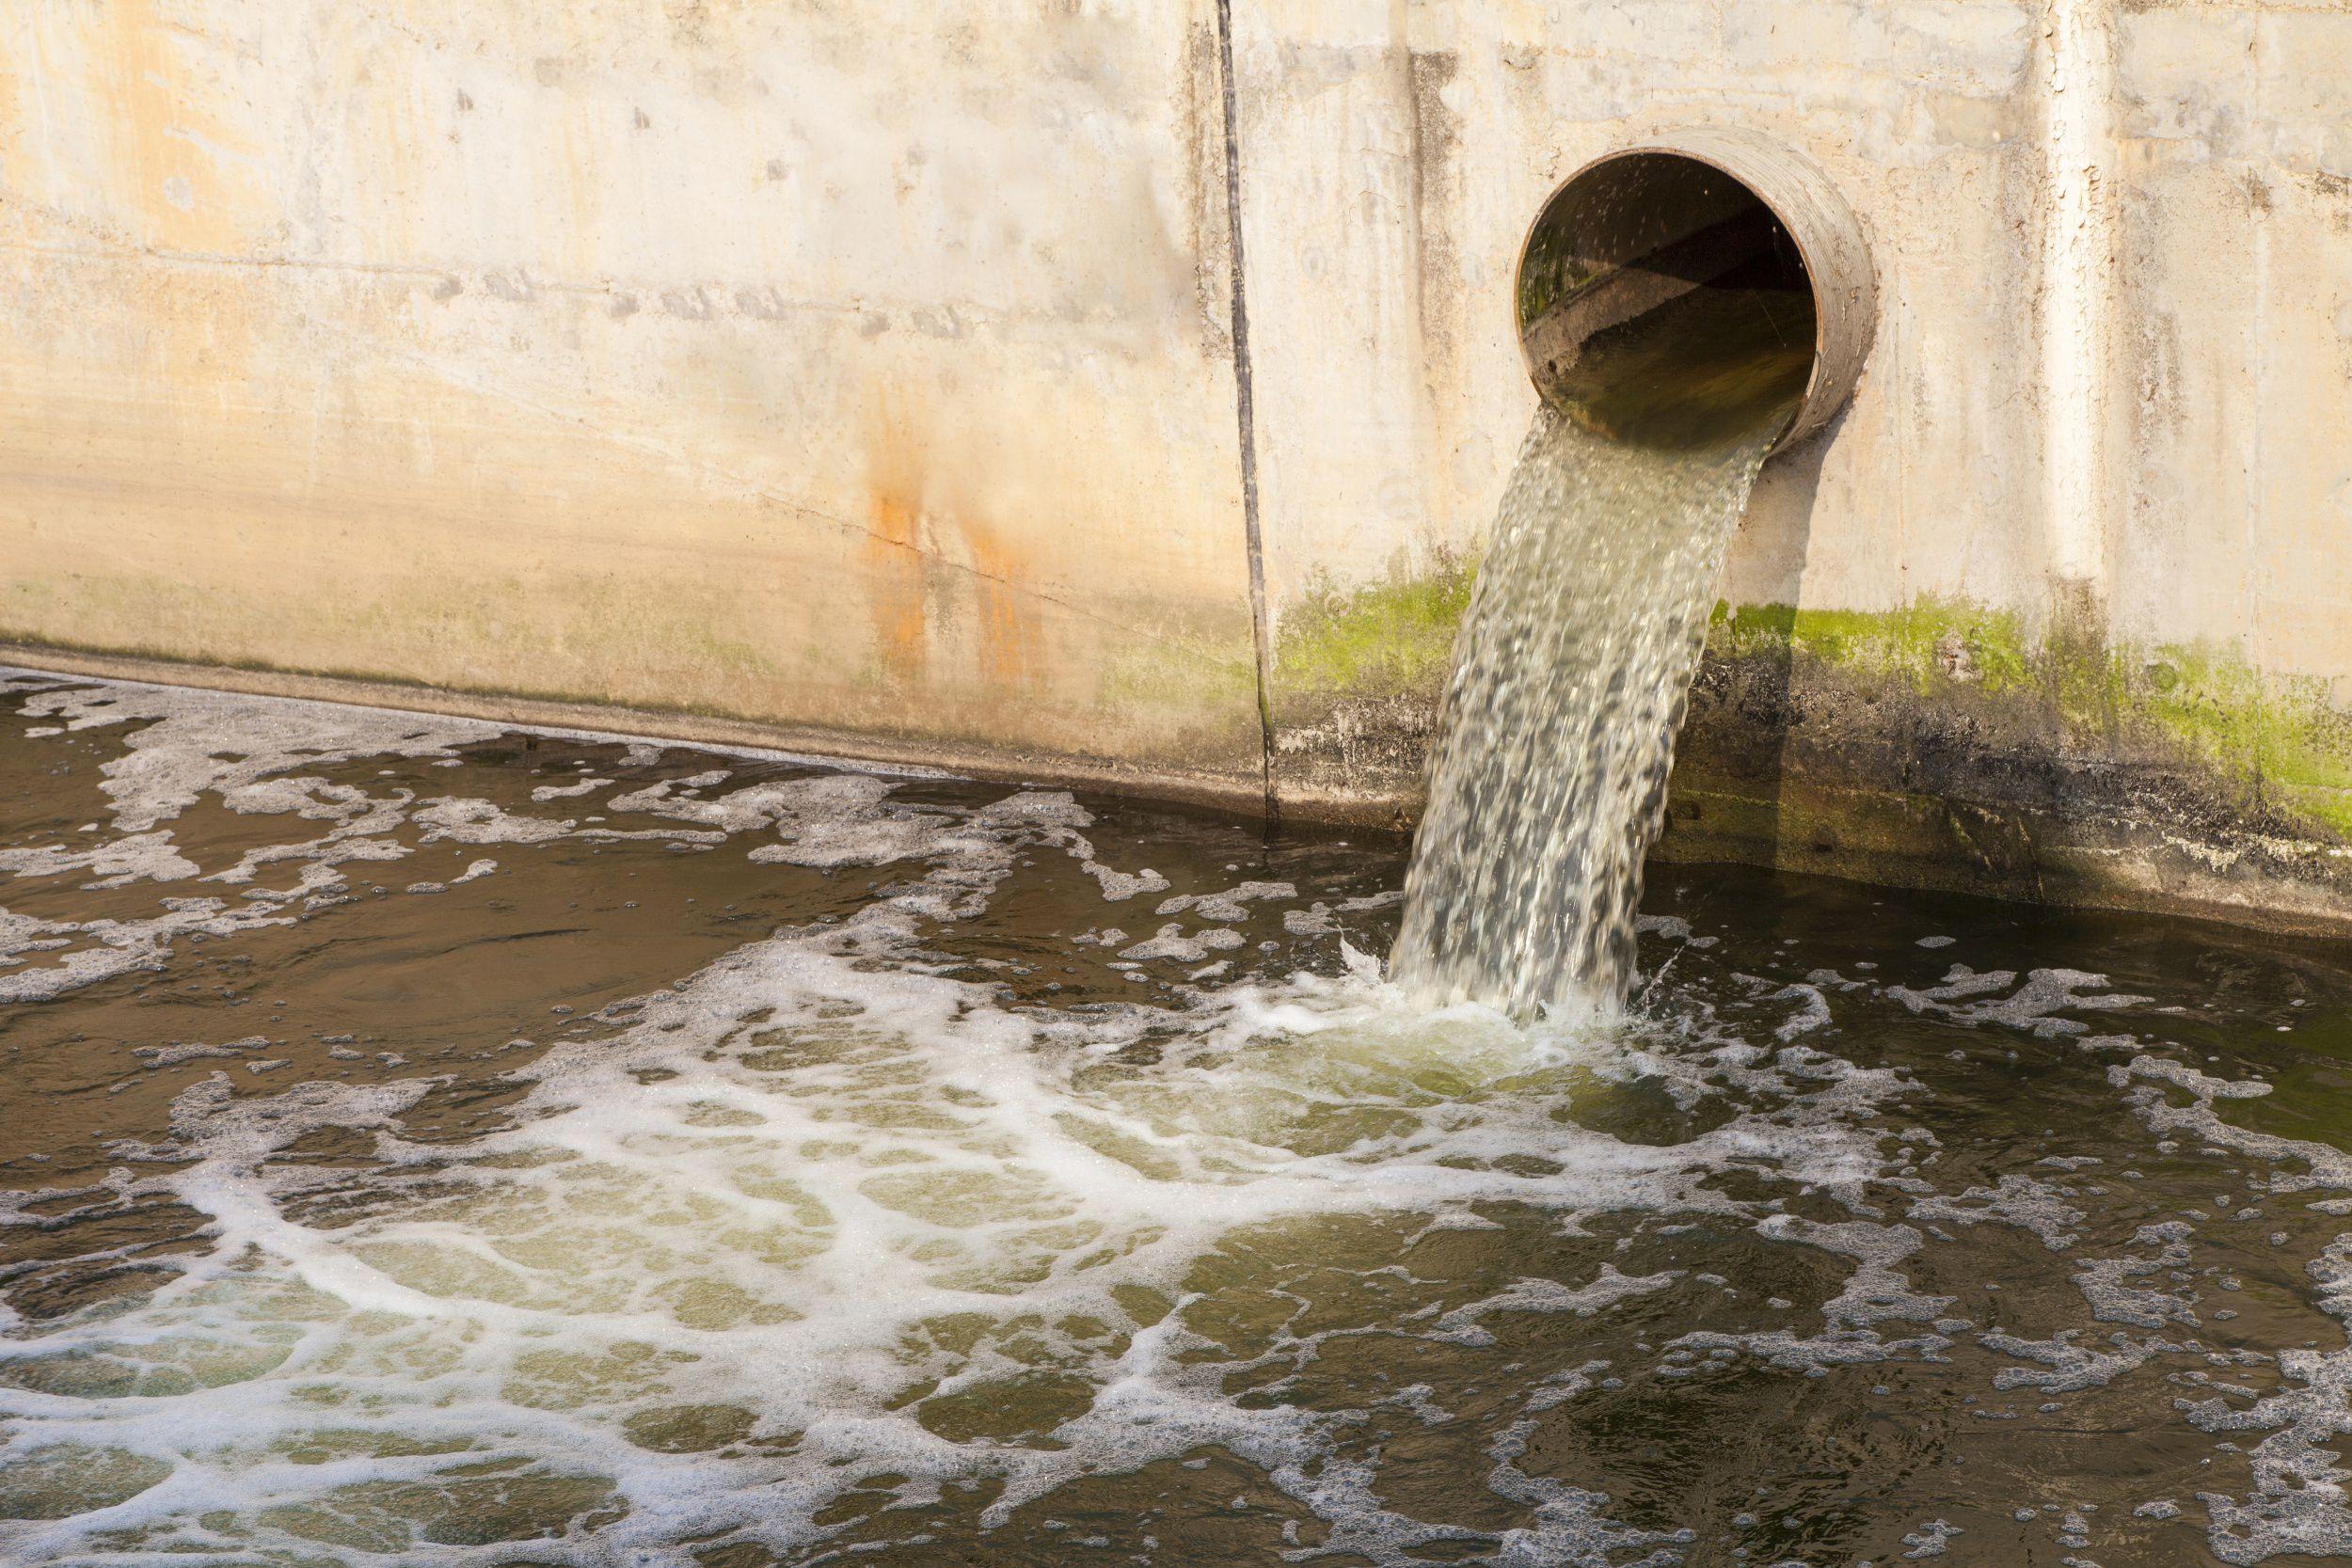 A falta de saneamento básico é um dos problemas mais graves nas grandes periferias do Brasil. Foto: koosen / Shutterstock.com